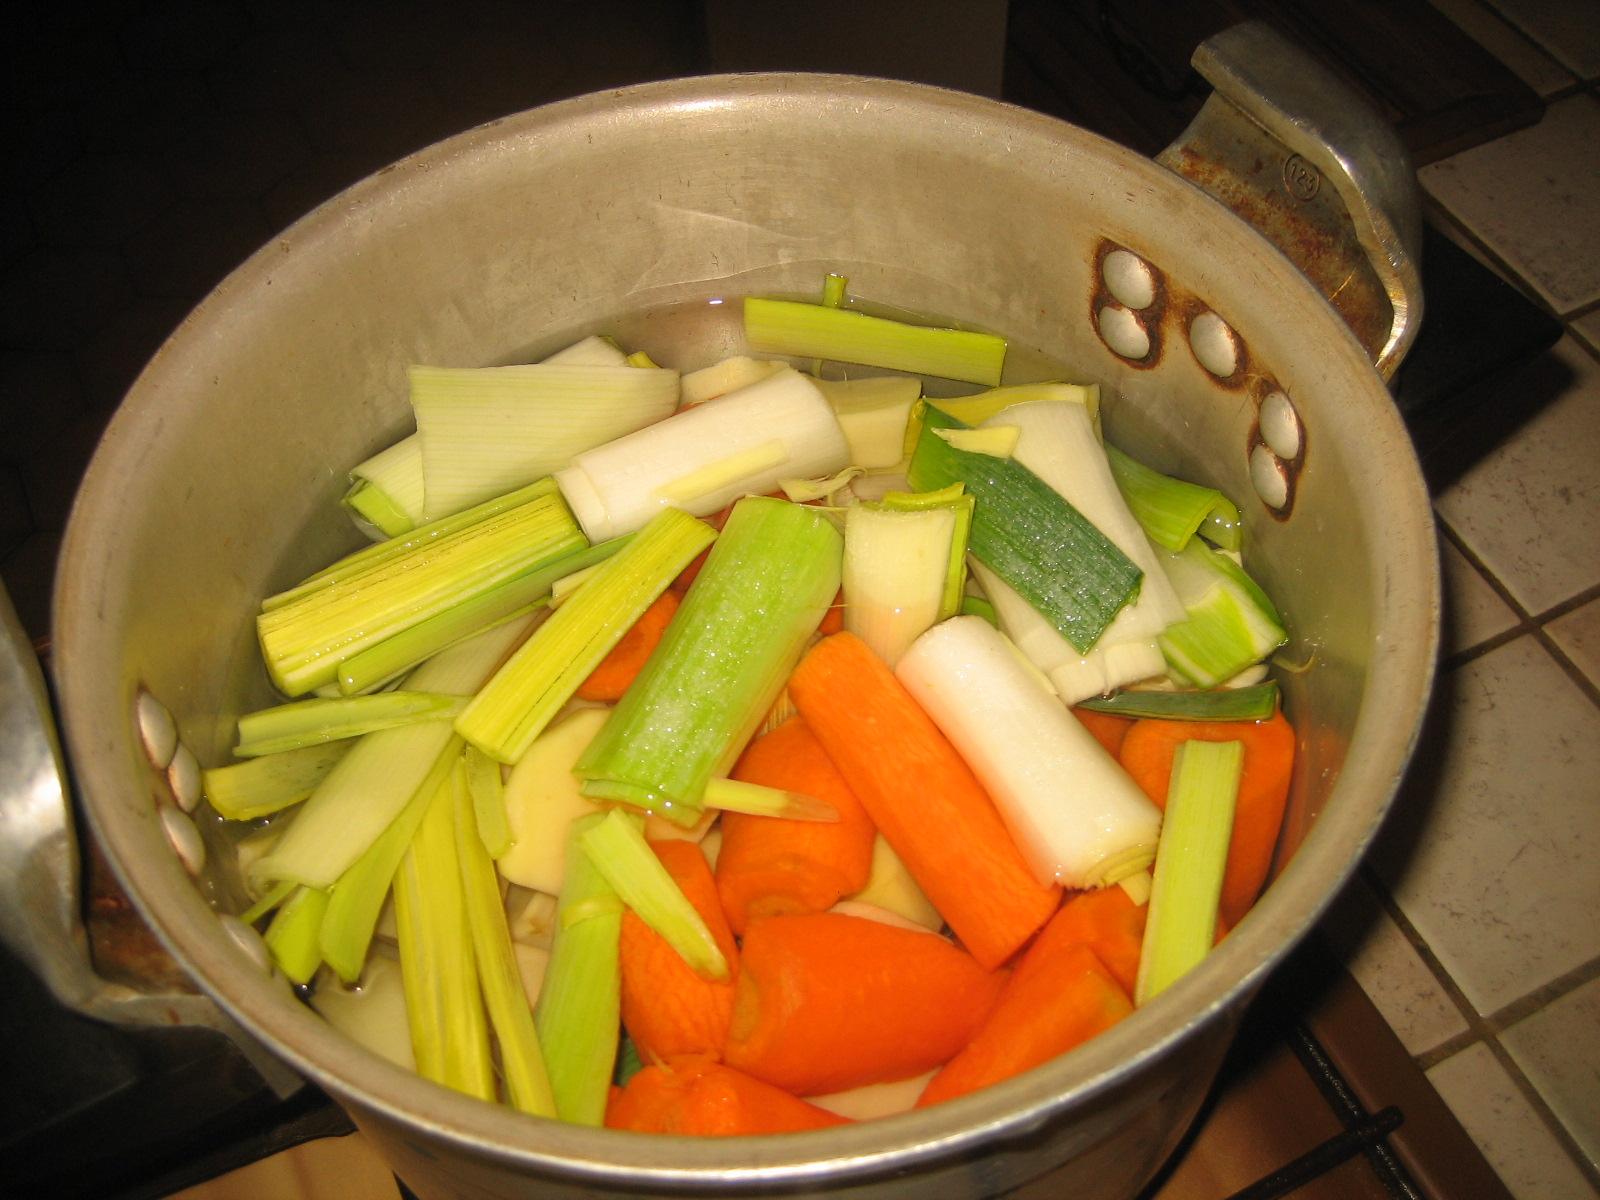 Le blog de cathoune les soupes maison - Soupe de legume maison ...